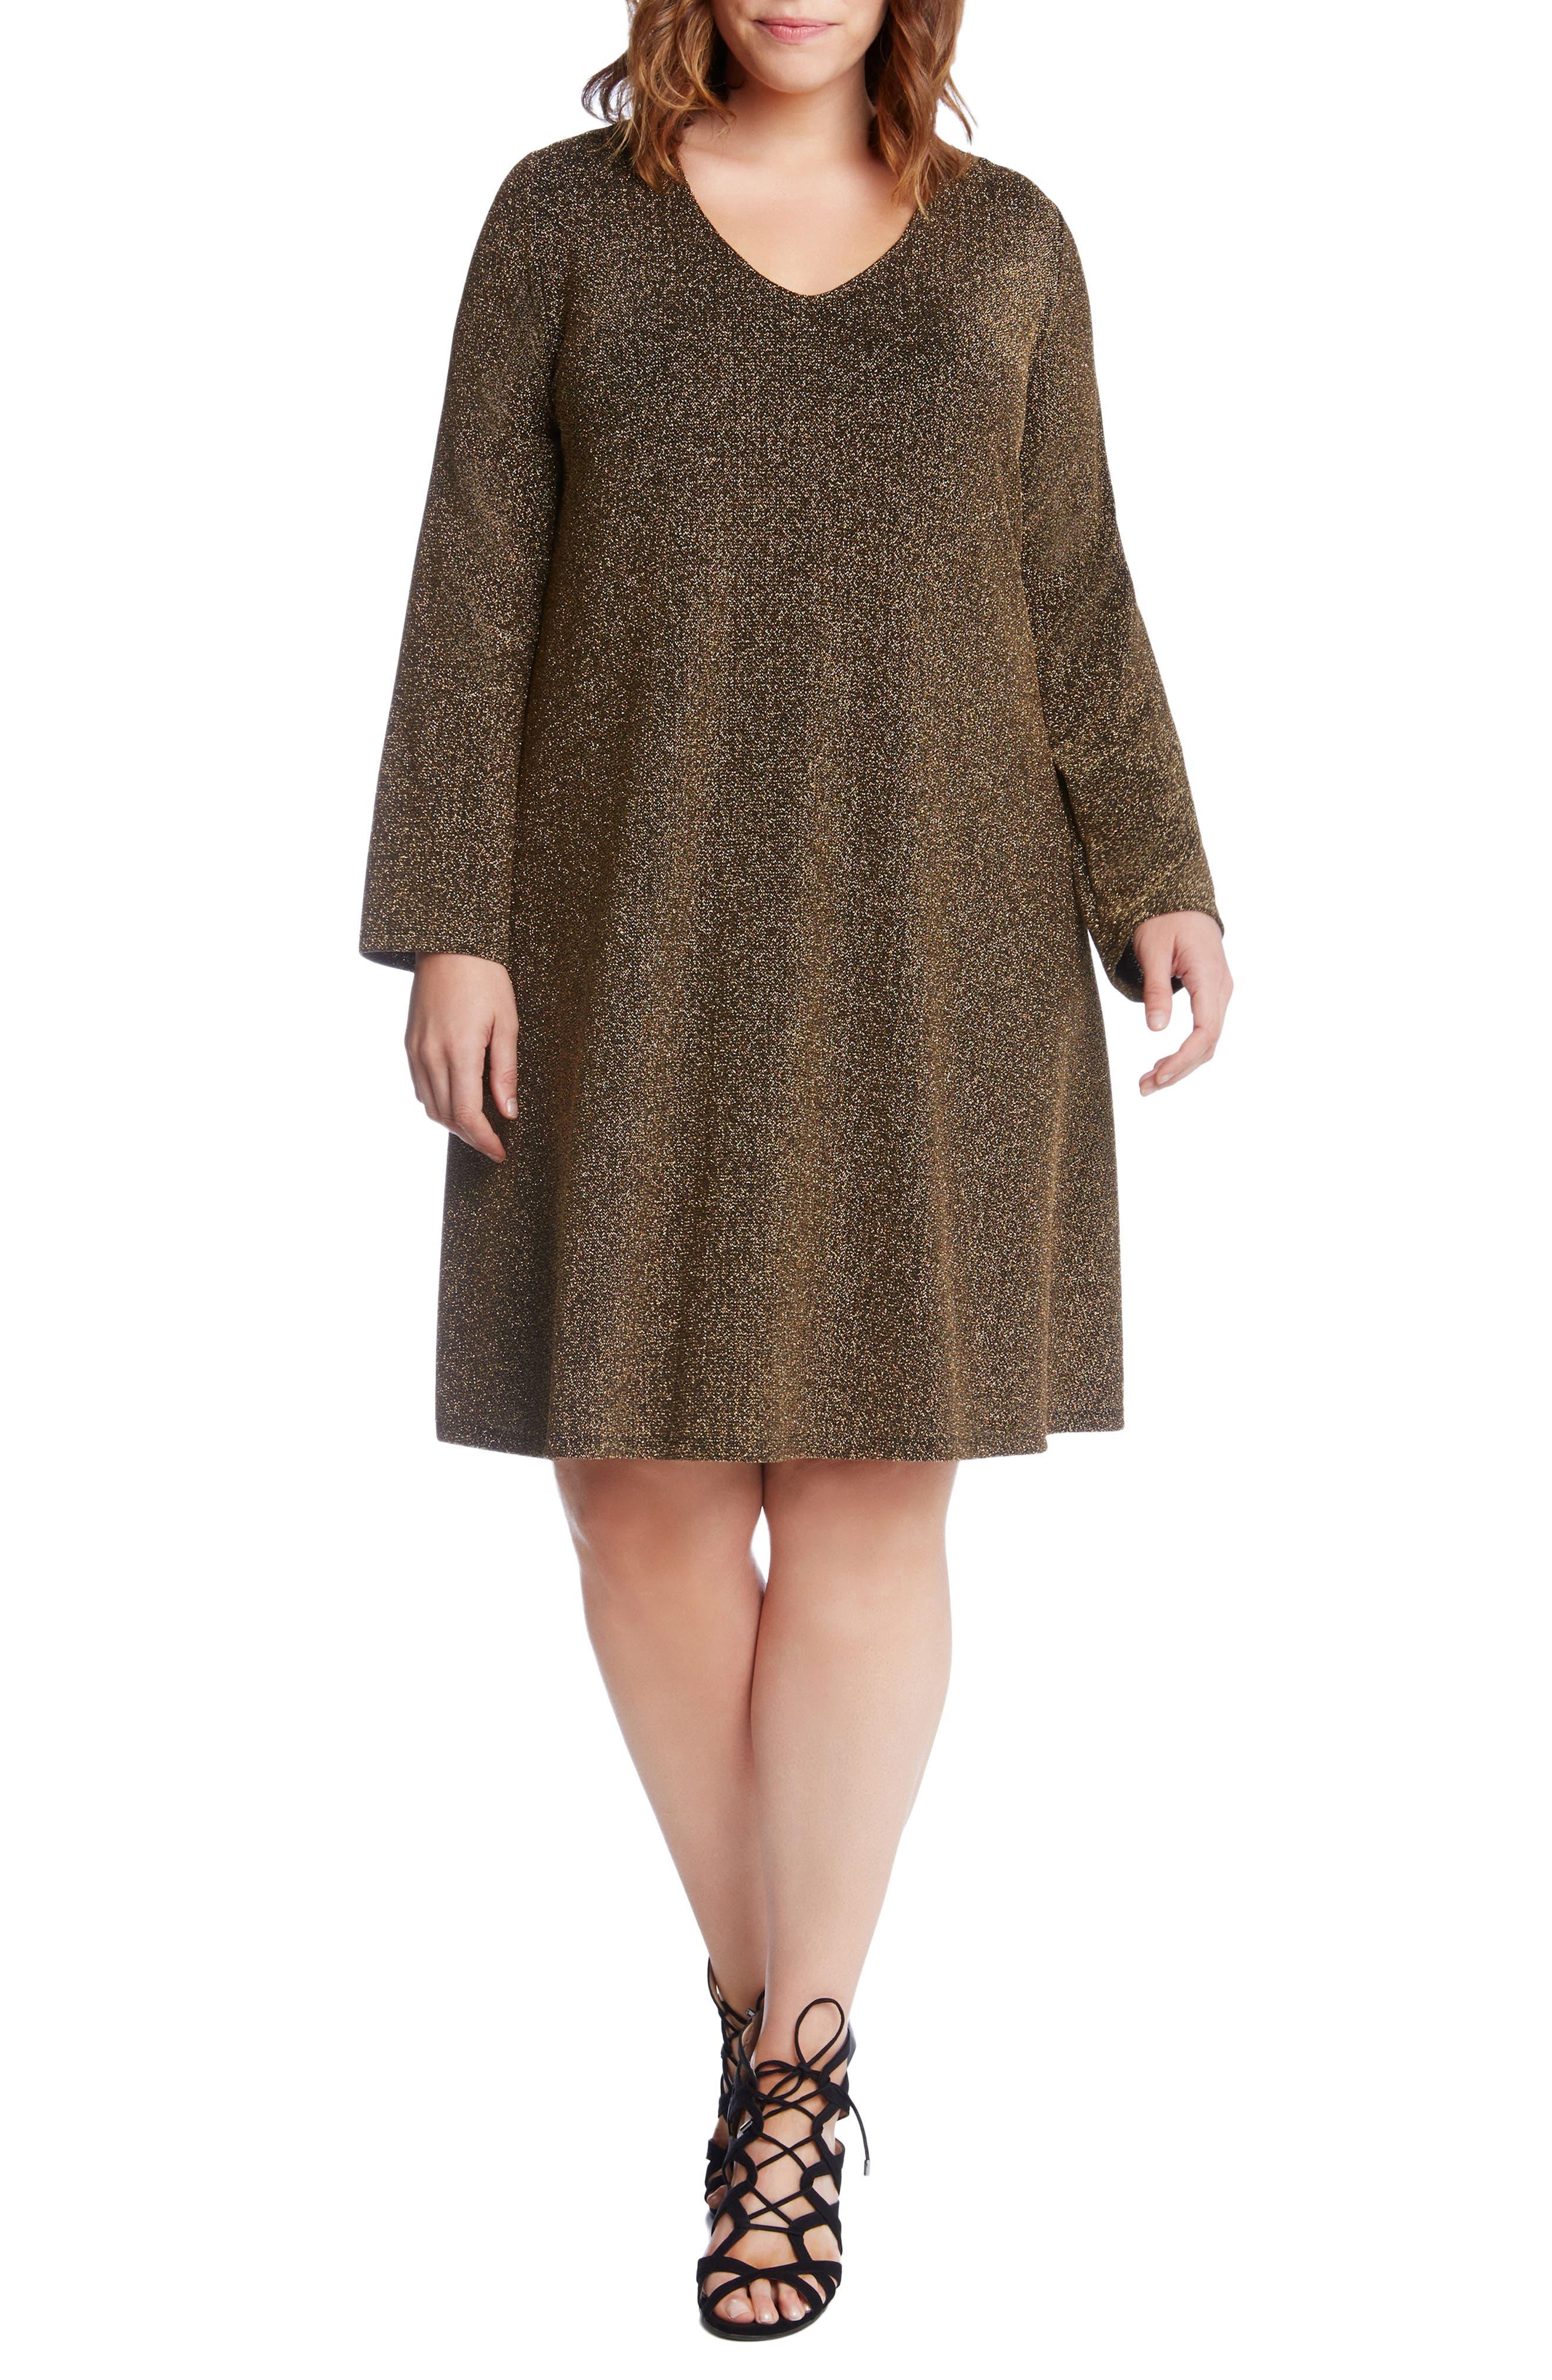 Taylor Gold Knit Dress,                             Main thumbnail 1, color,                             710